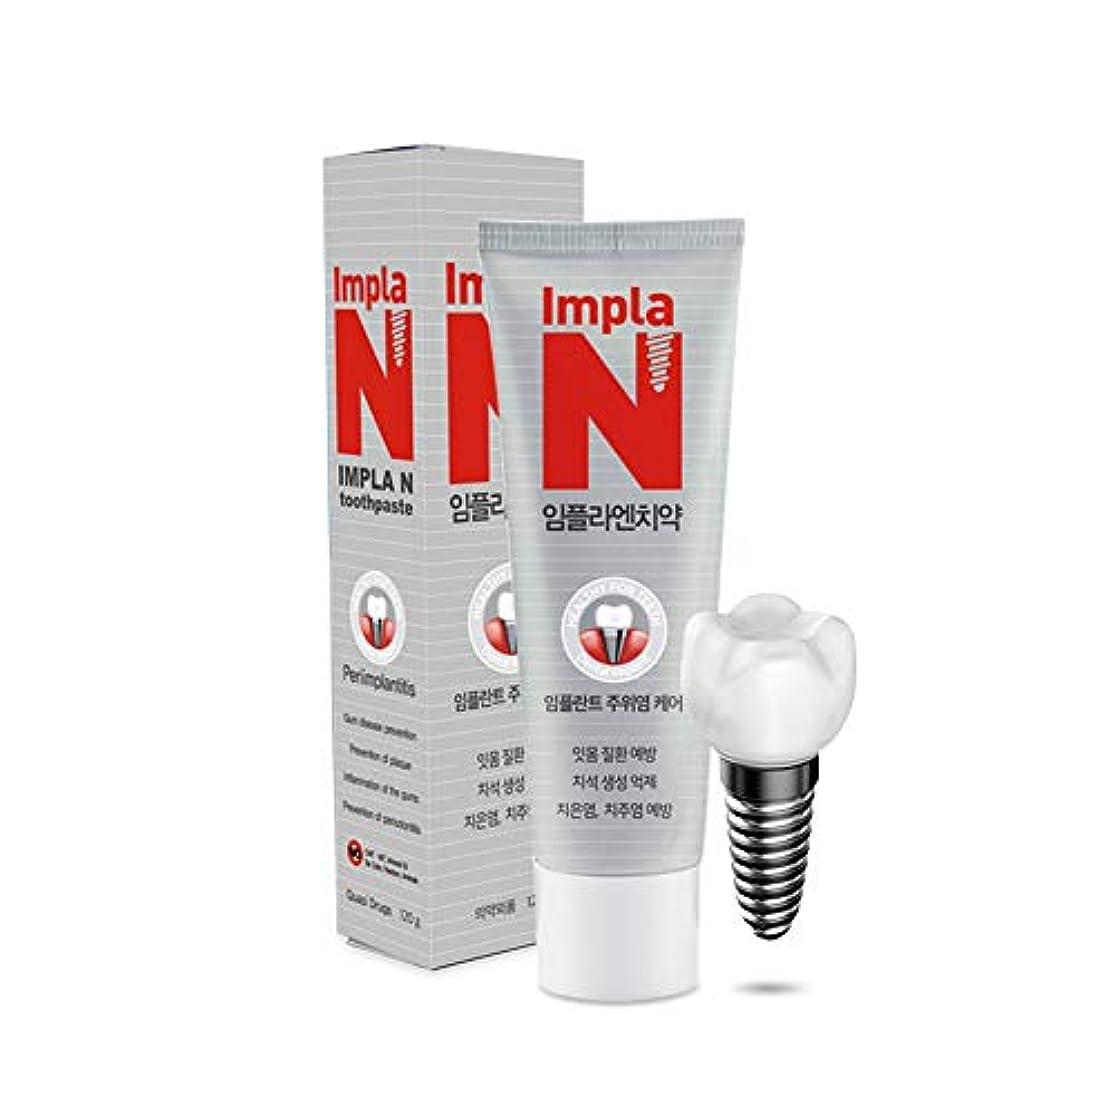 有効なあなたは利点【TRIPLE KOREA】インプラント専用歯磨きペースト implaN 歯磨き粉 歯磨きジェル 歯磨き剤